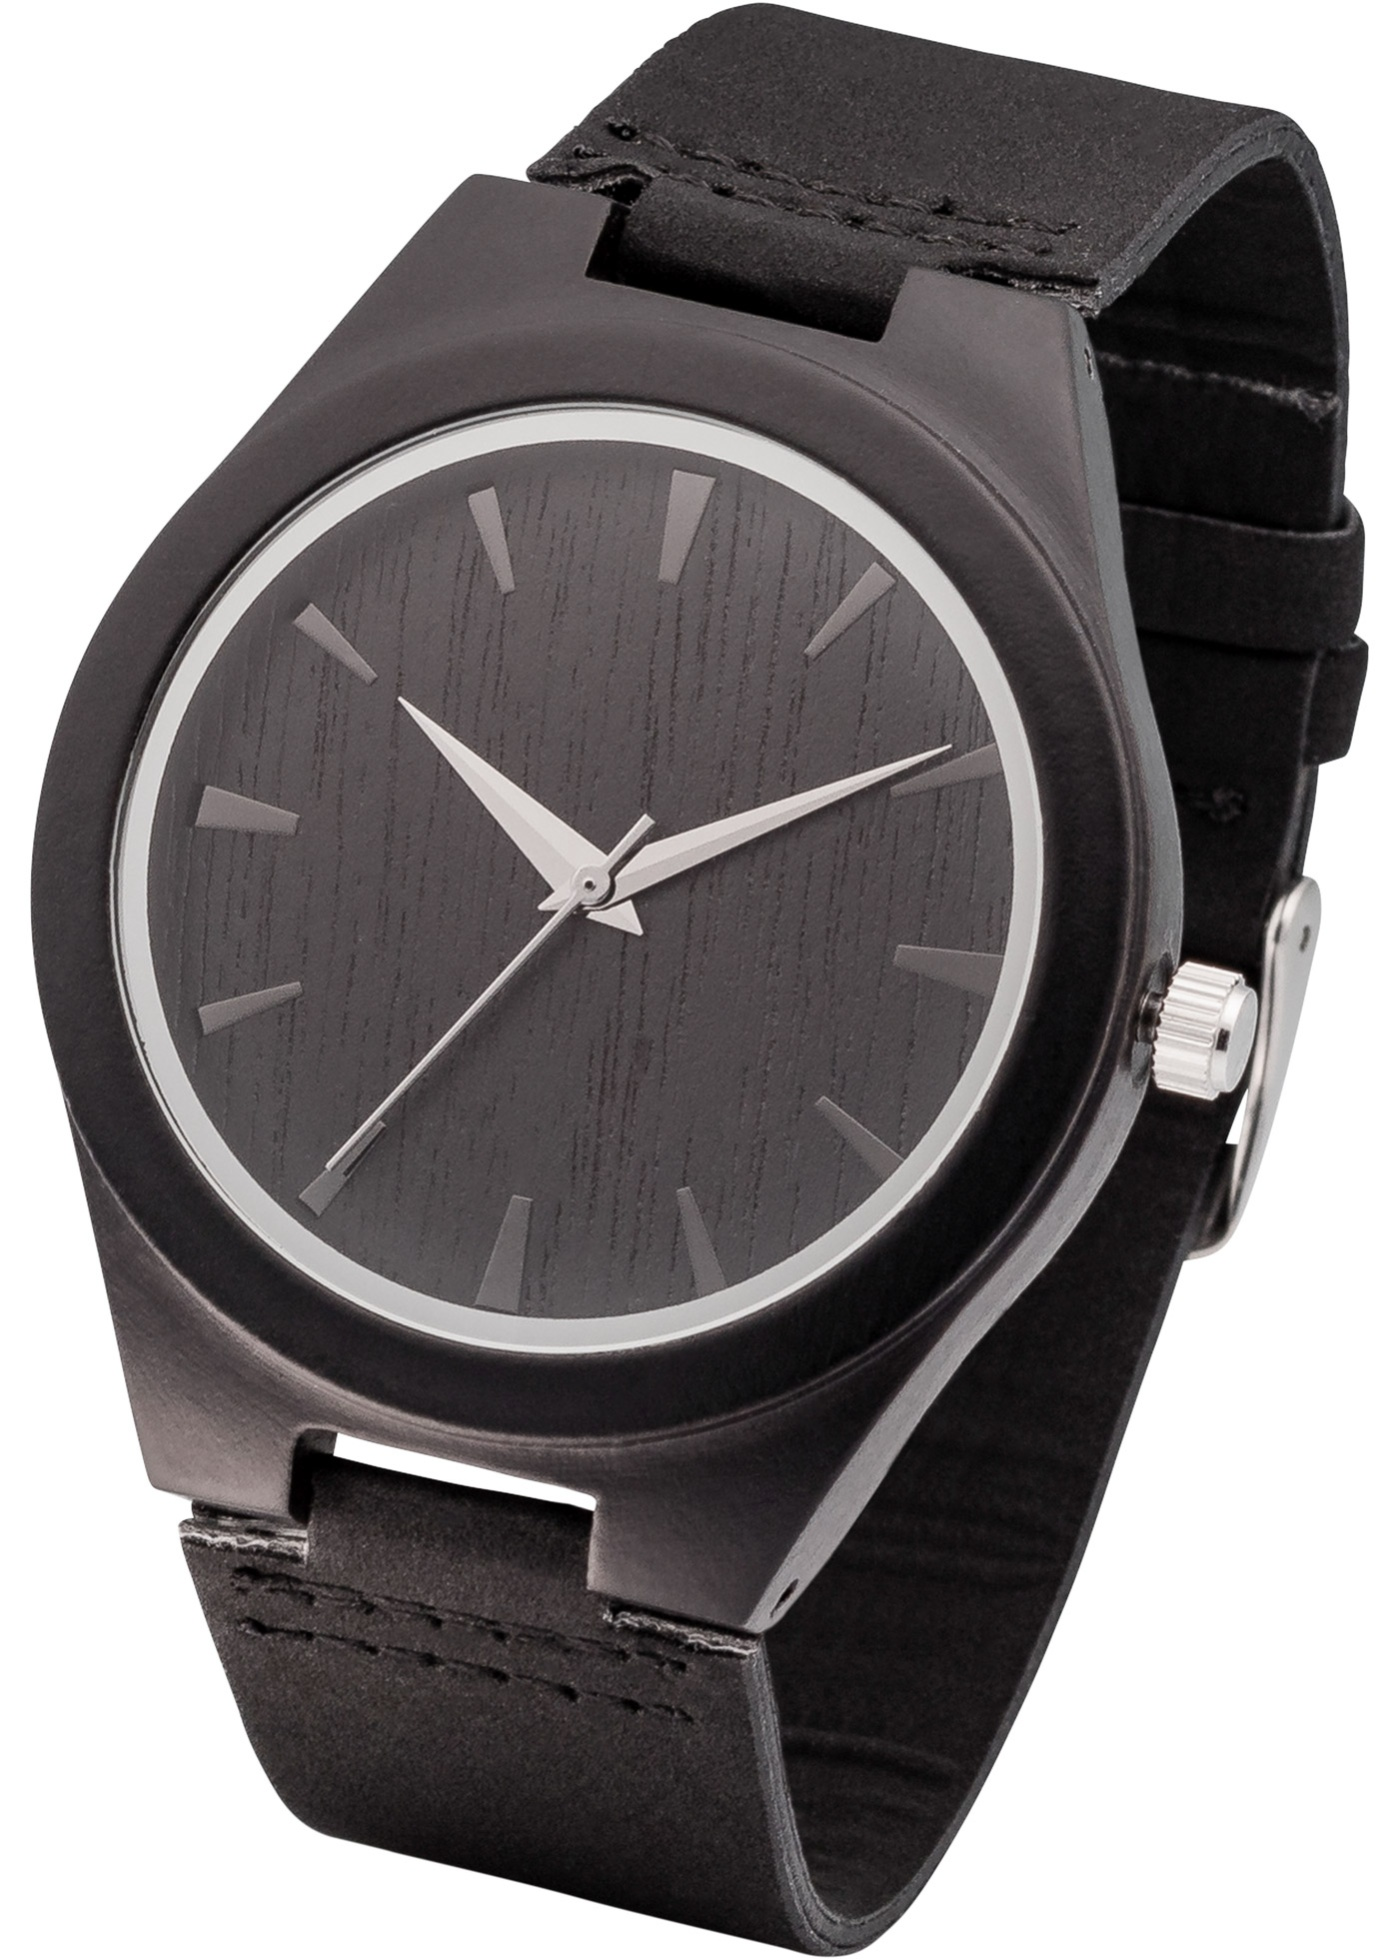 Orologio da uomo  Nero  -